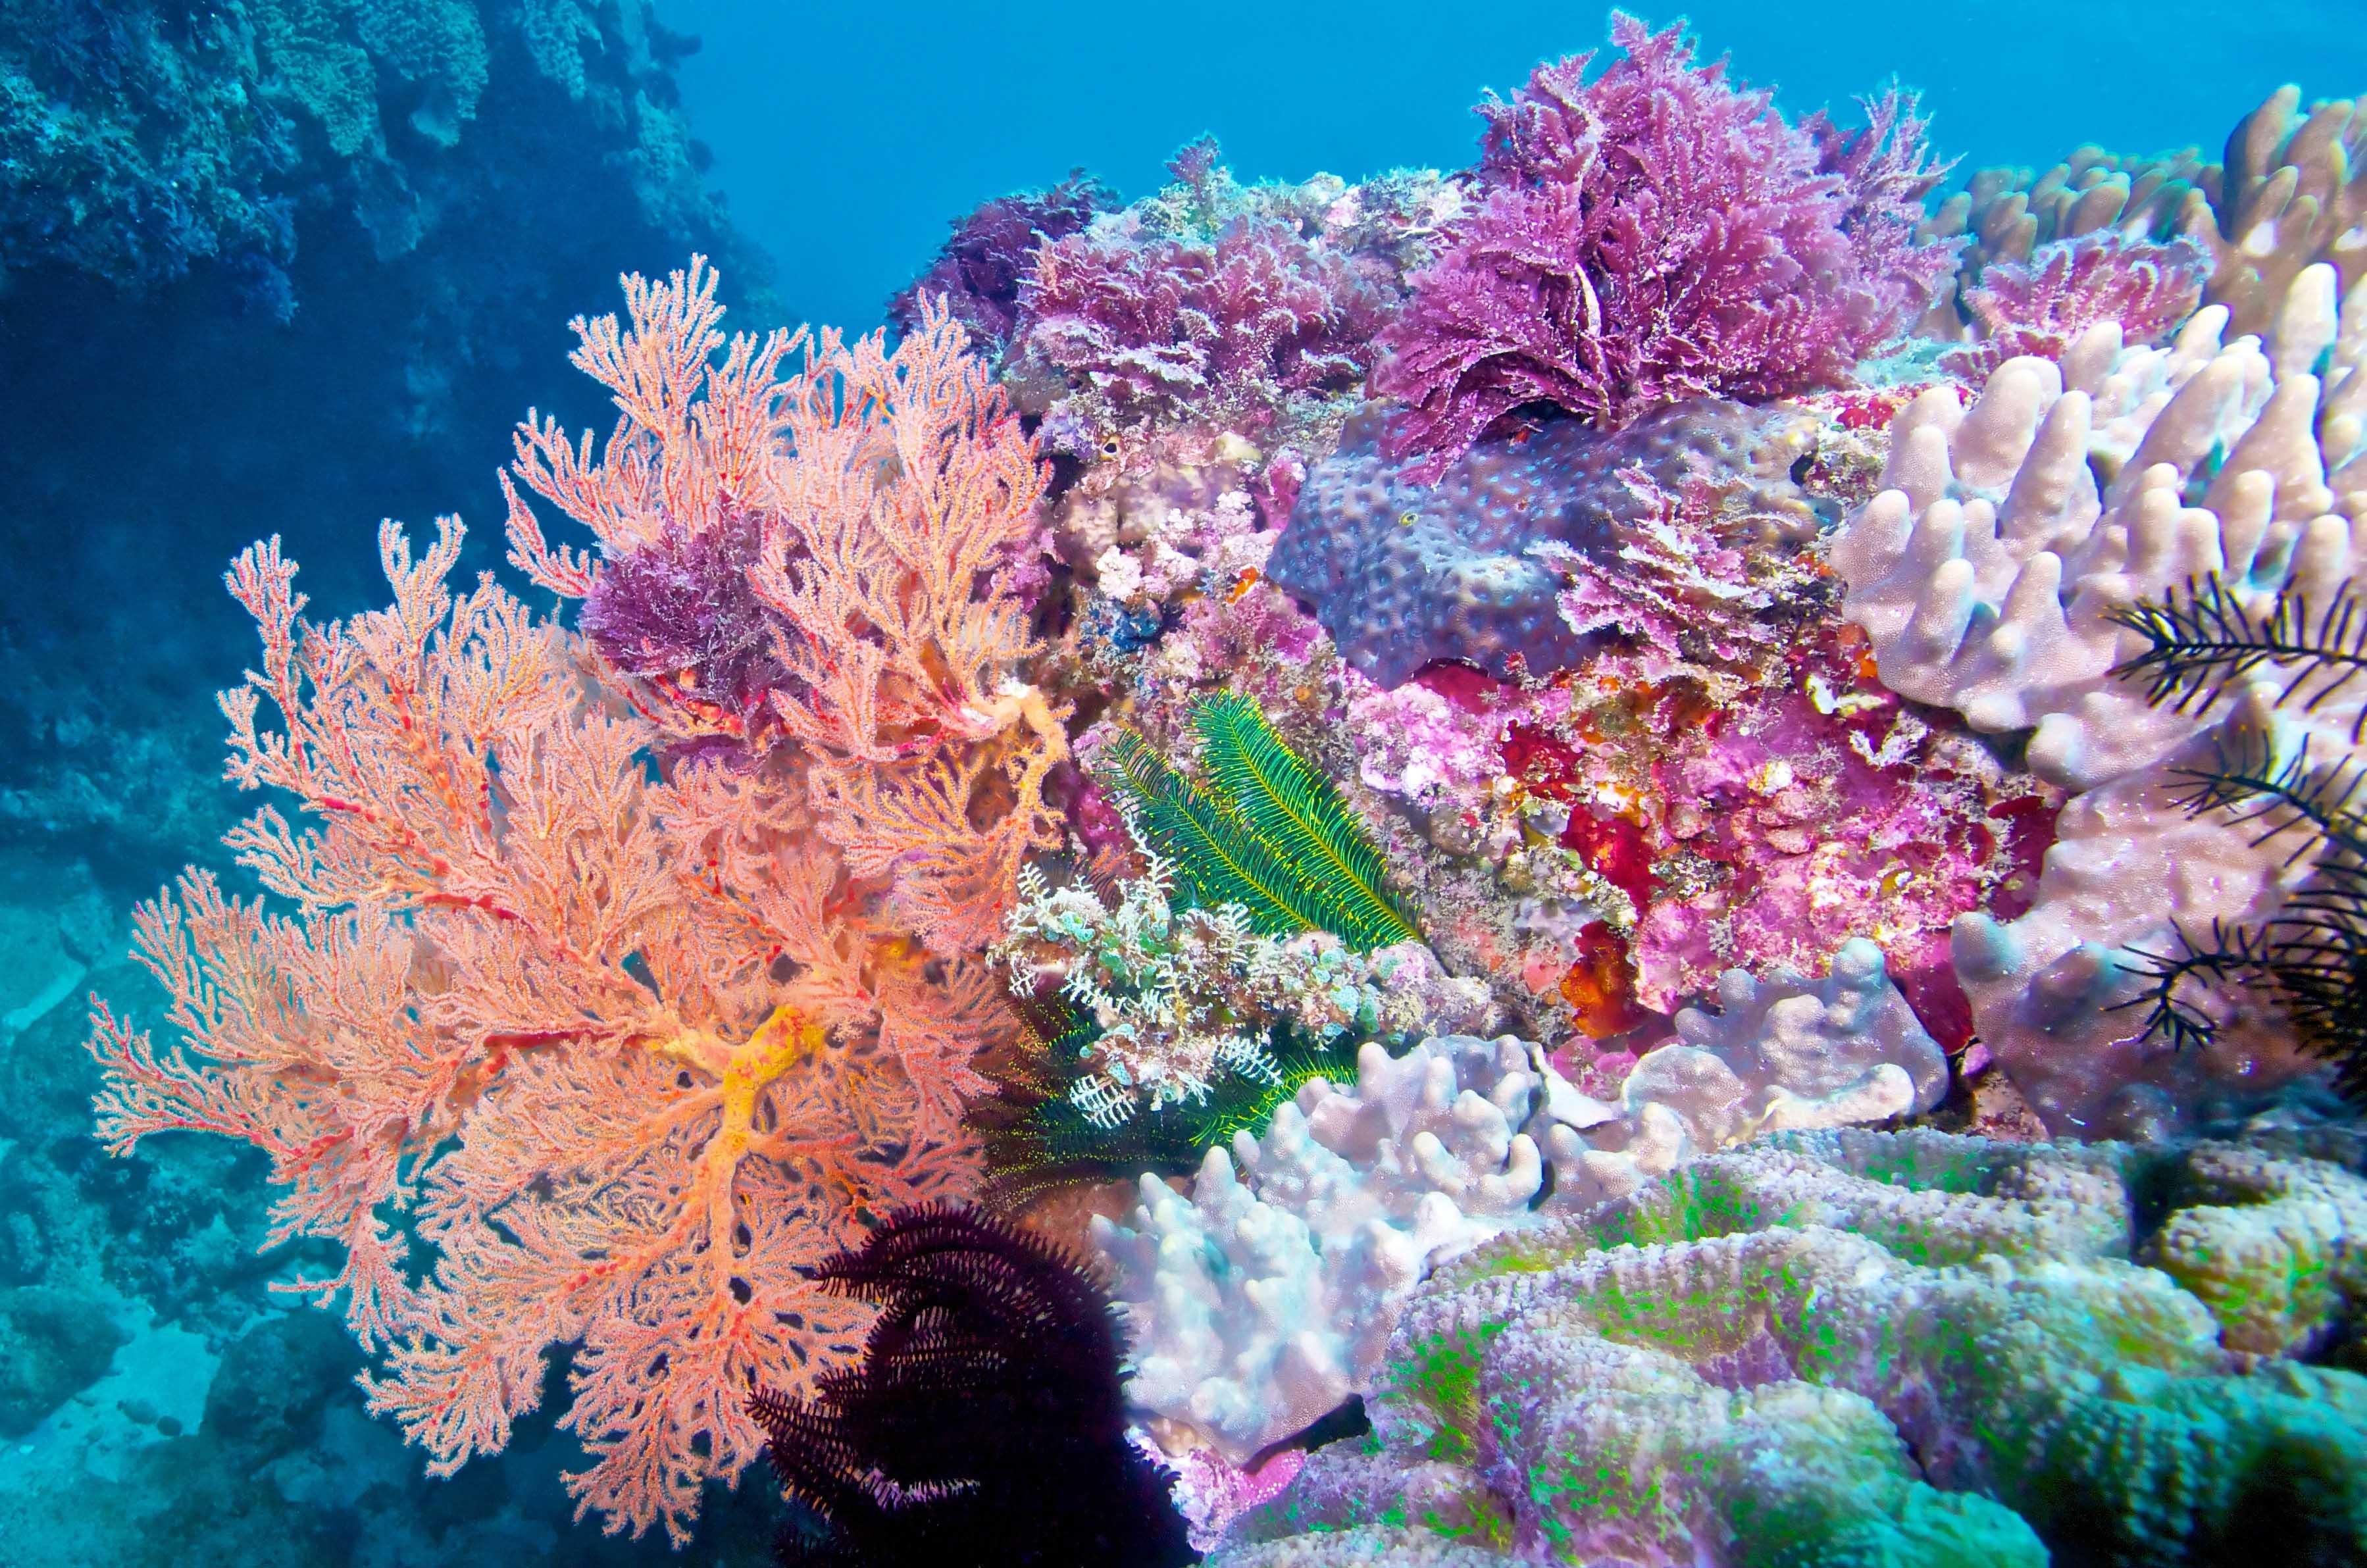 珊瑚礁的復育之路-從保護到移植,改善整體生態系統